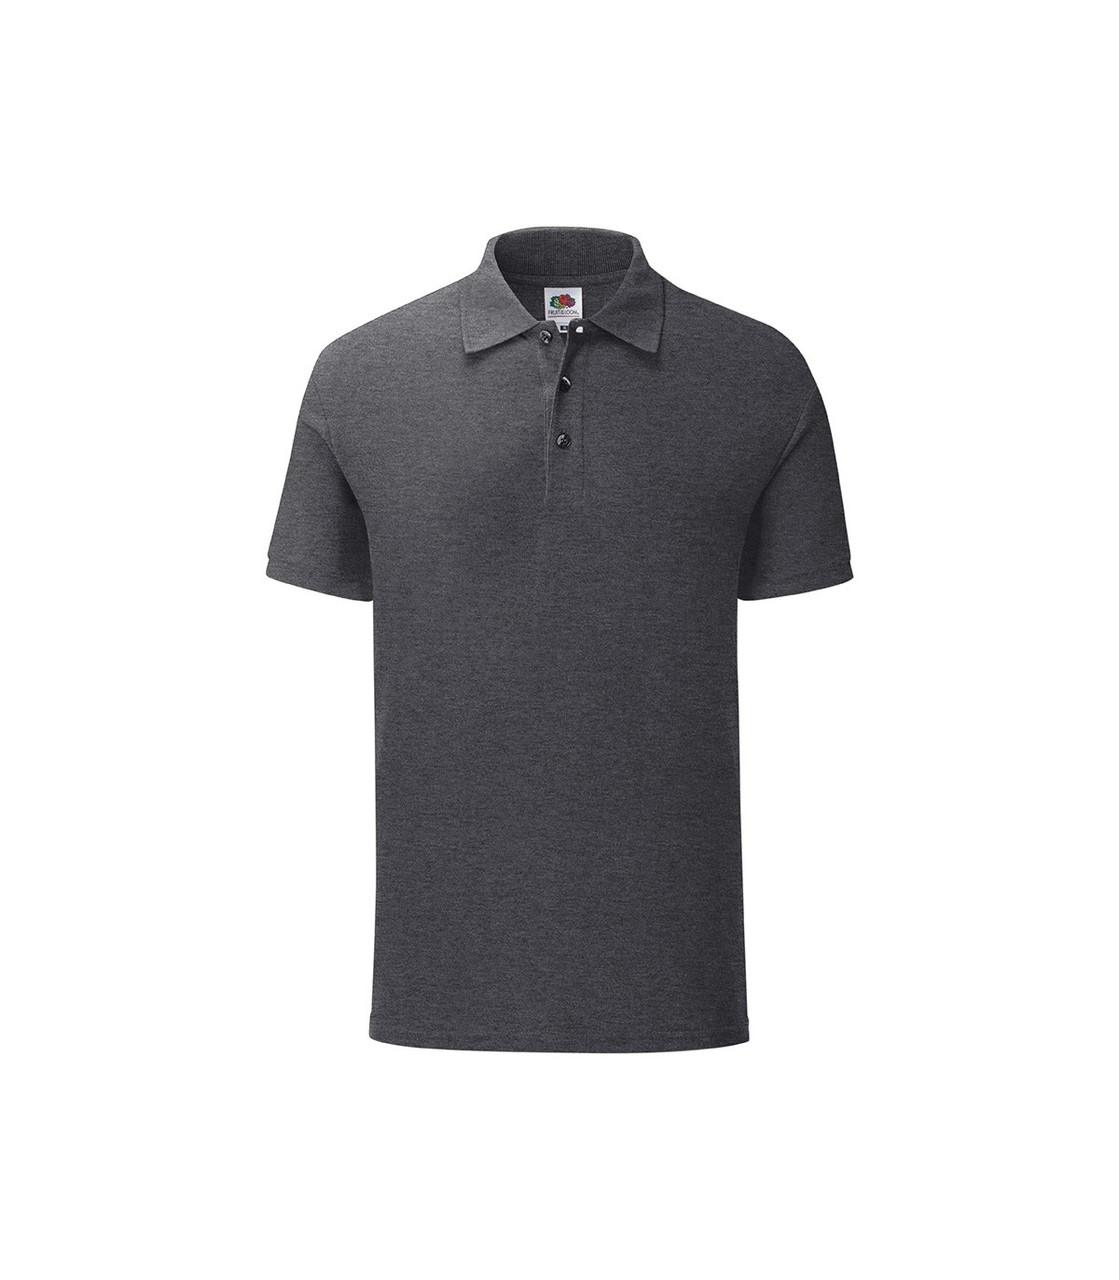 Мужская футболка поло хлопок темно-серая меланж 044-HD